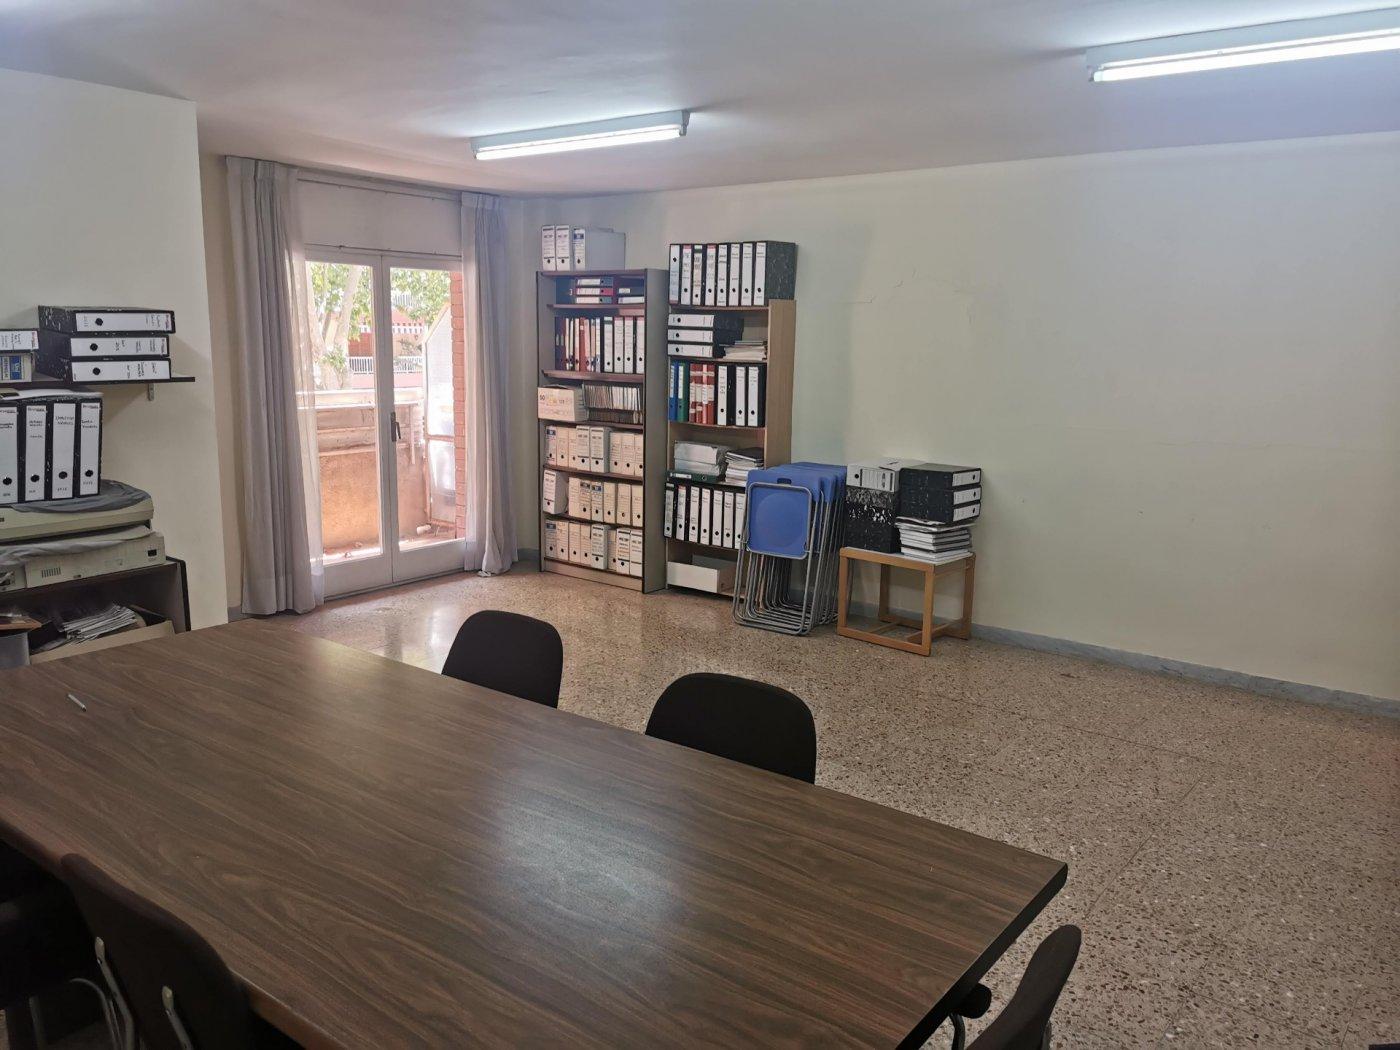 Oficina en alquiler en Paseig Prim, Reus